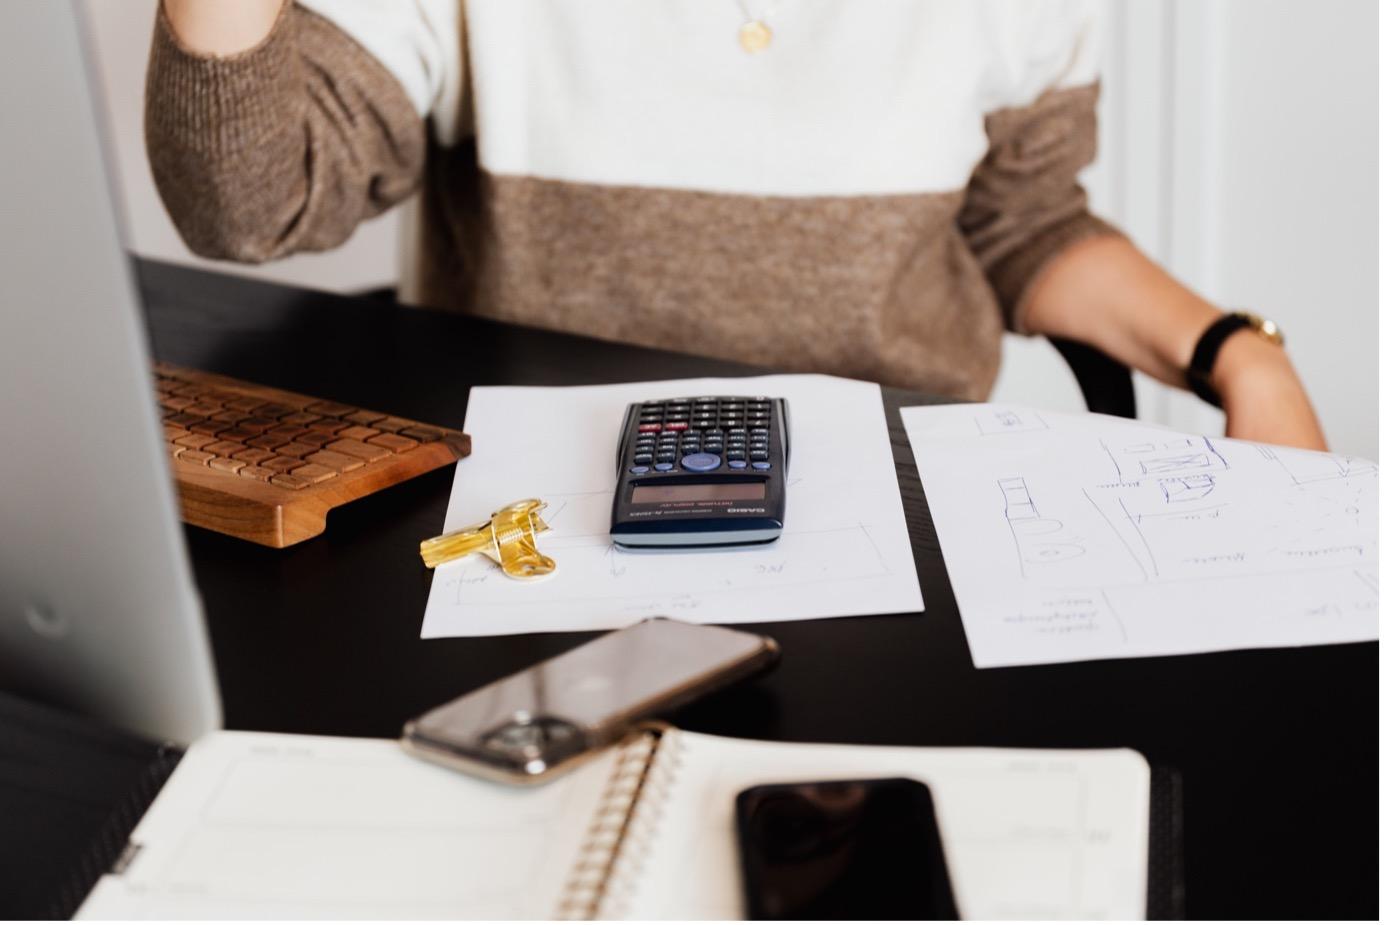 Remise commerciale : définition, calcul et conseils